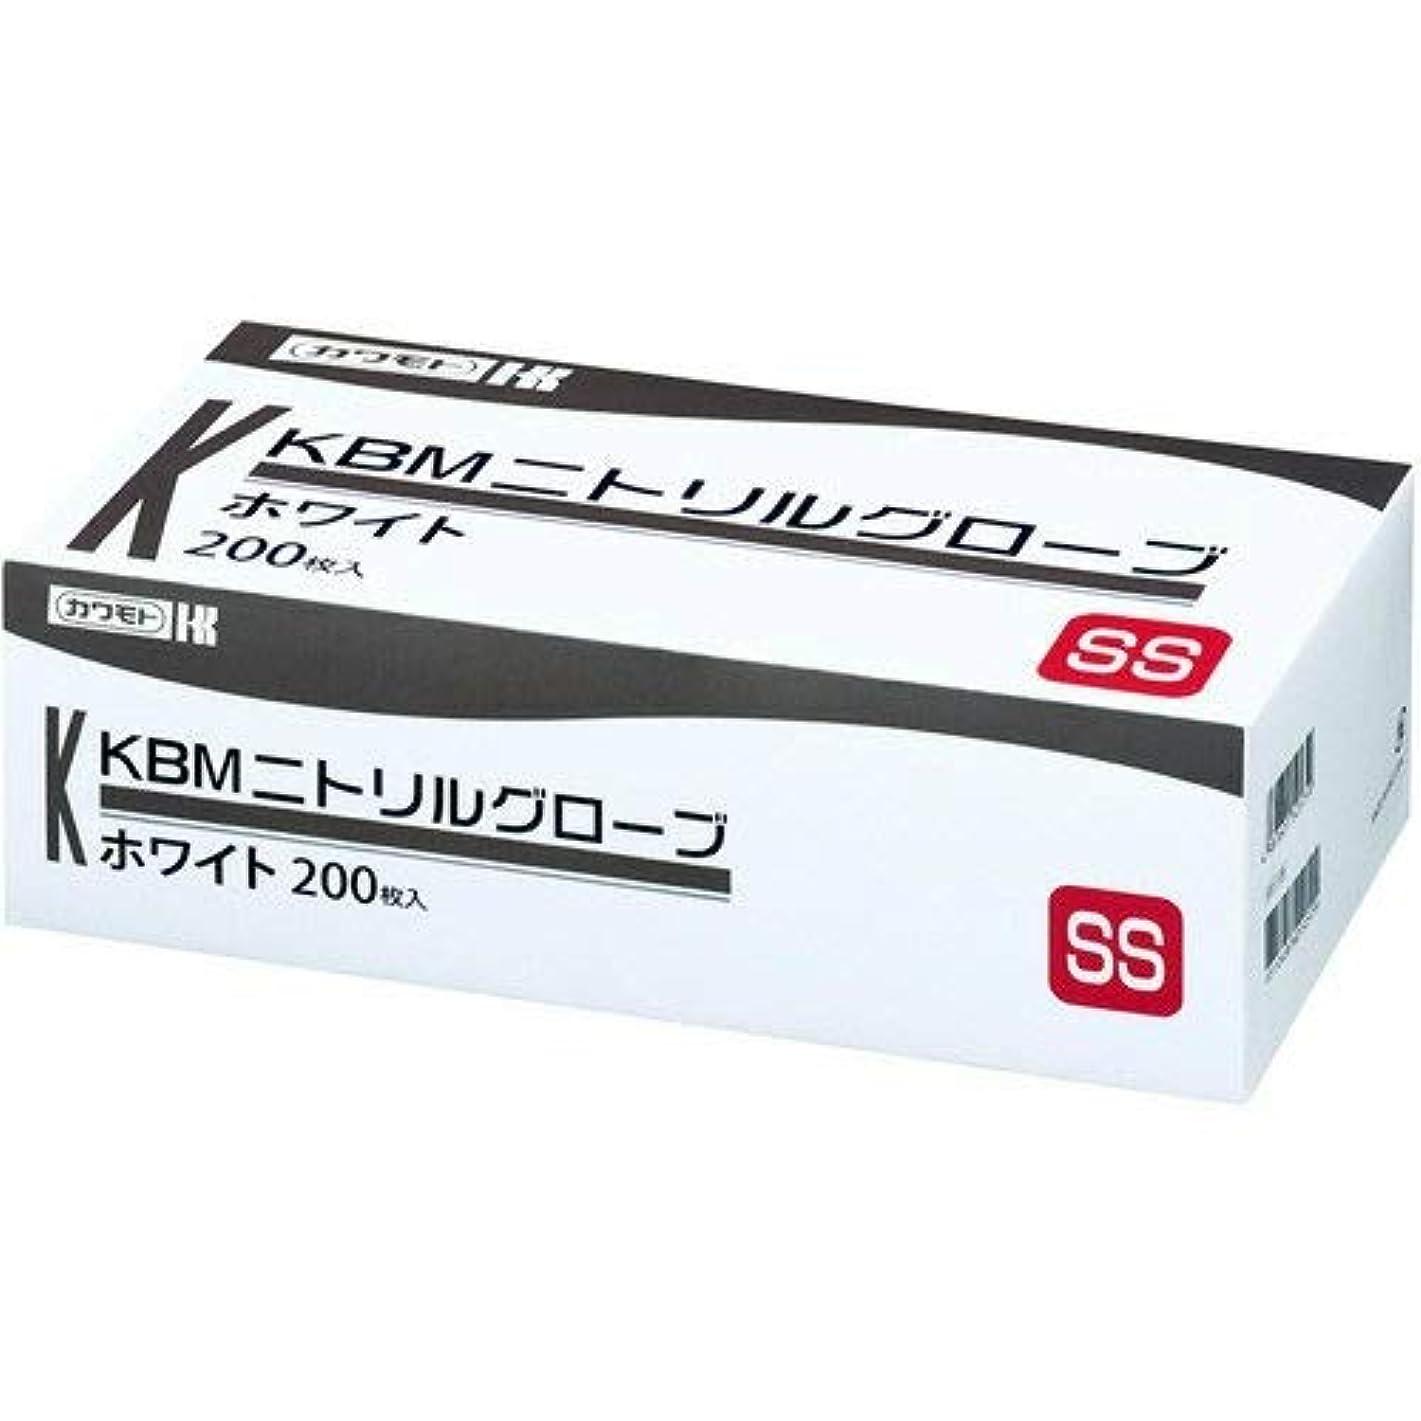 規範着陸理容室川本産業 カワモト ニトリルグローブ ホワイト SS 200枚入